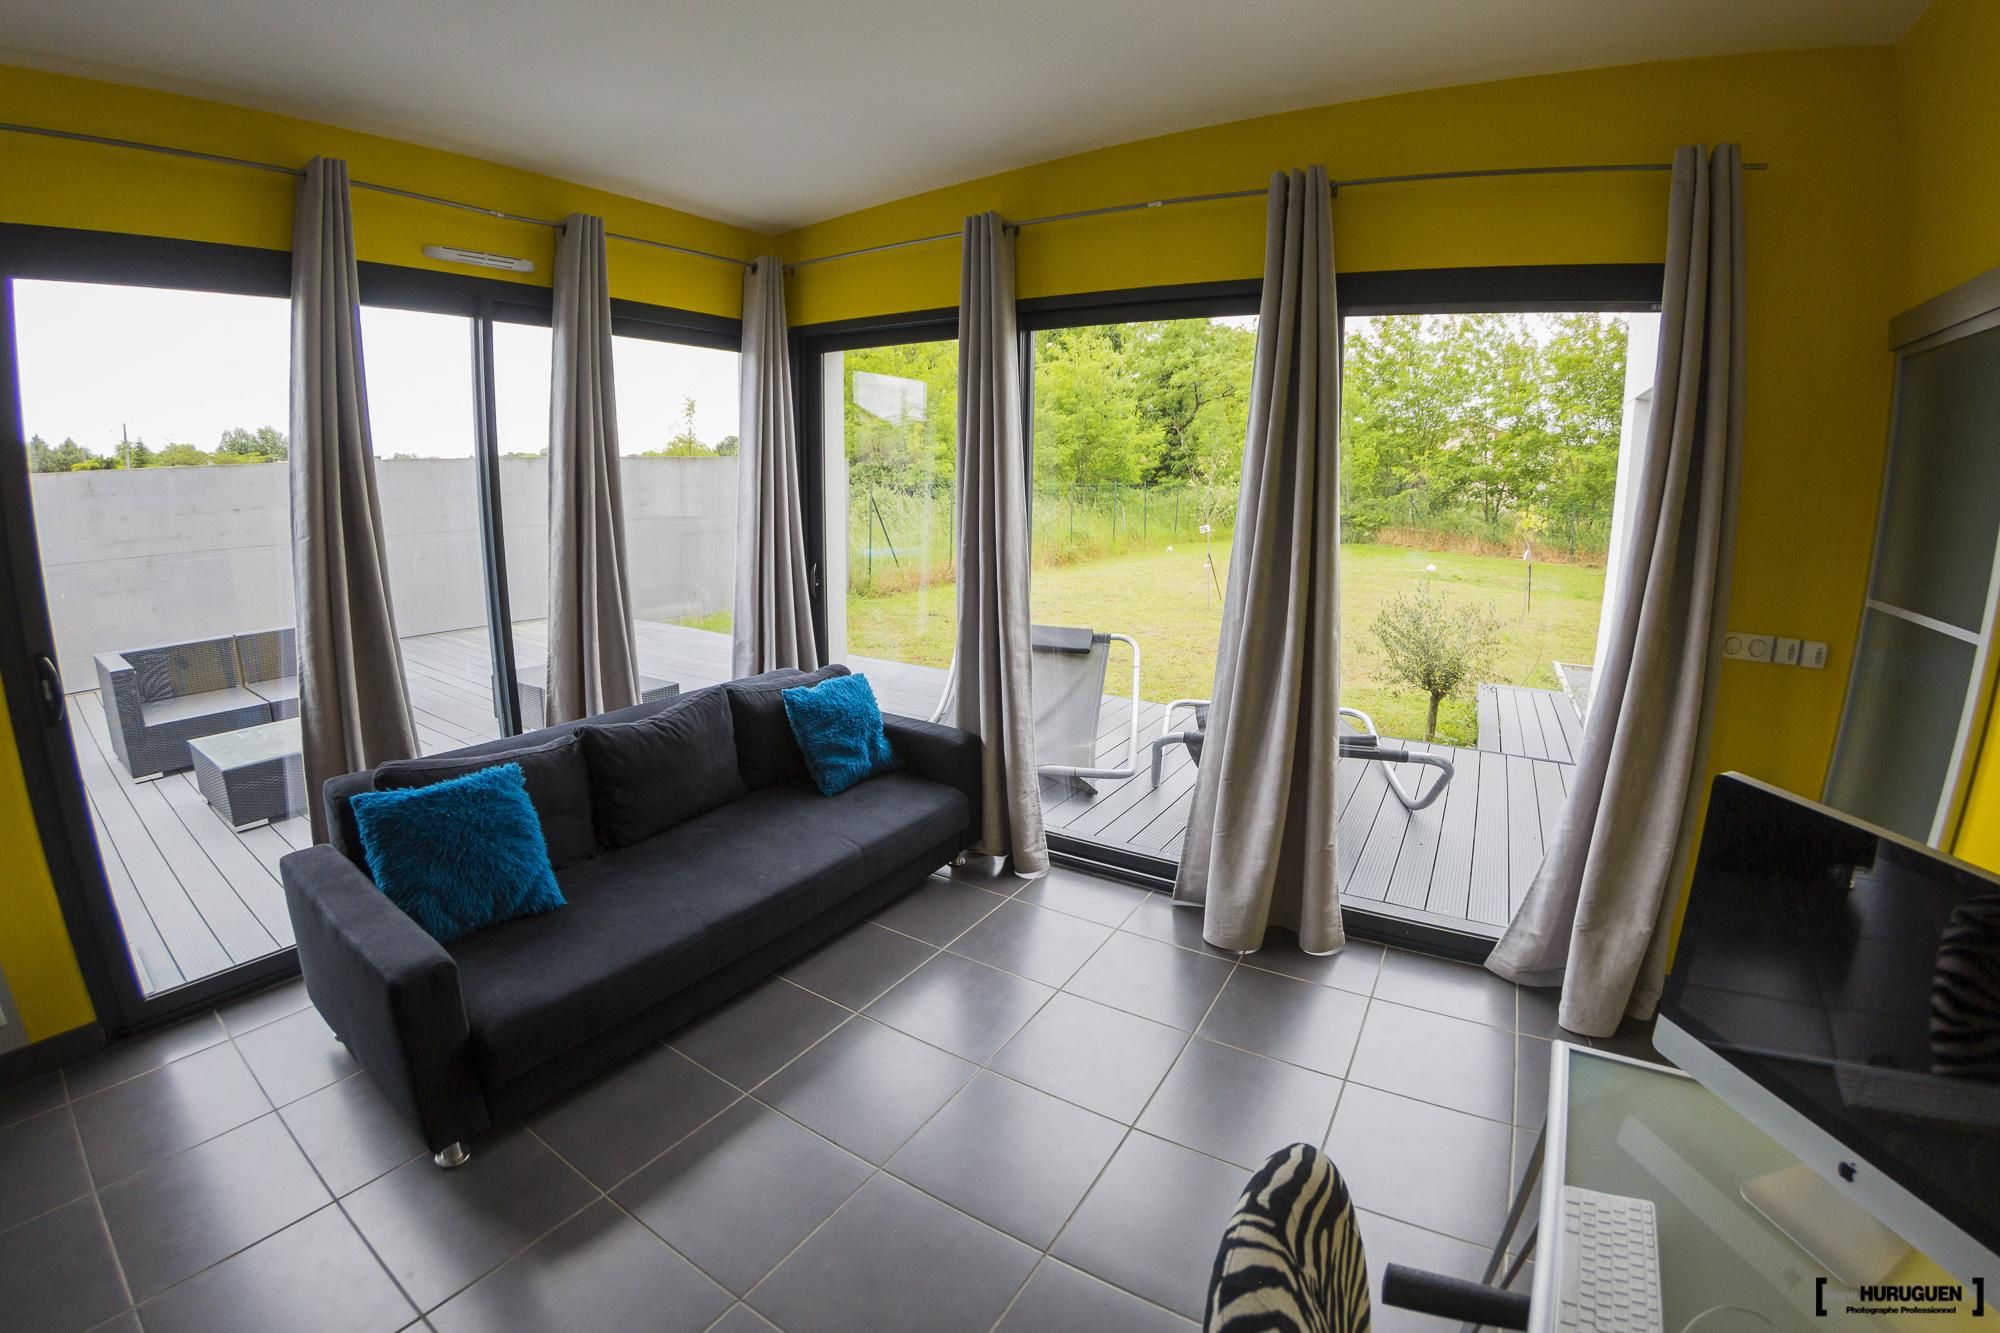 photographe immobilier bordeaux sebastien huruguen parempuyre cub 5 photographe professionnel. Black Bedroom Furniture Sets. Home Design Ideas